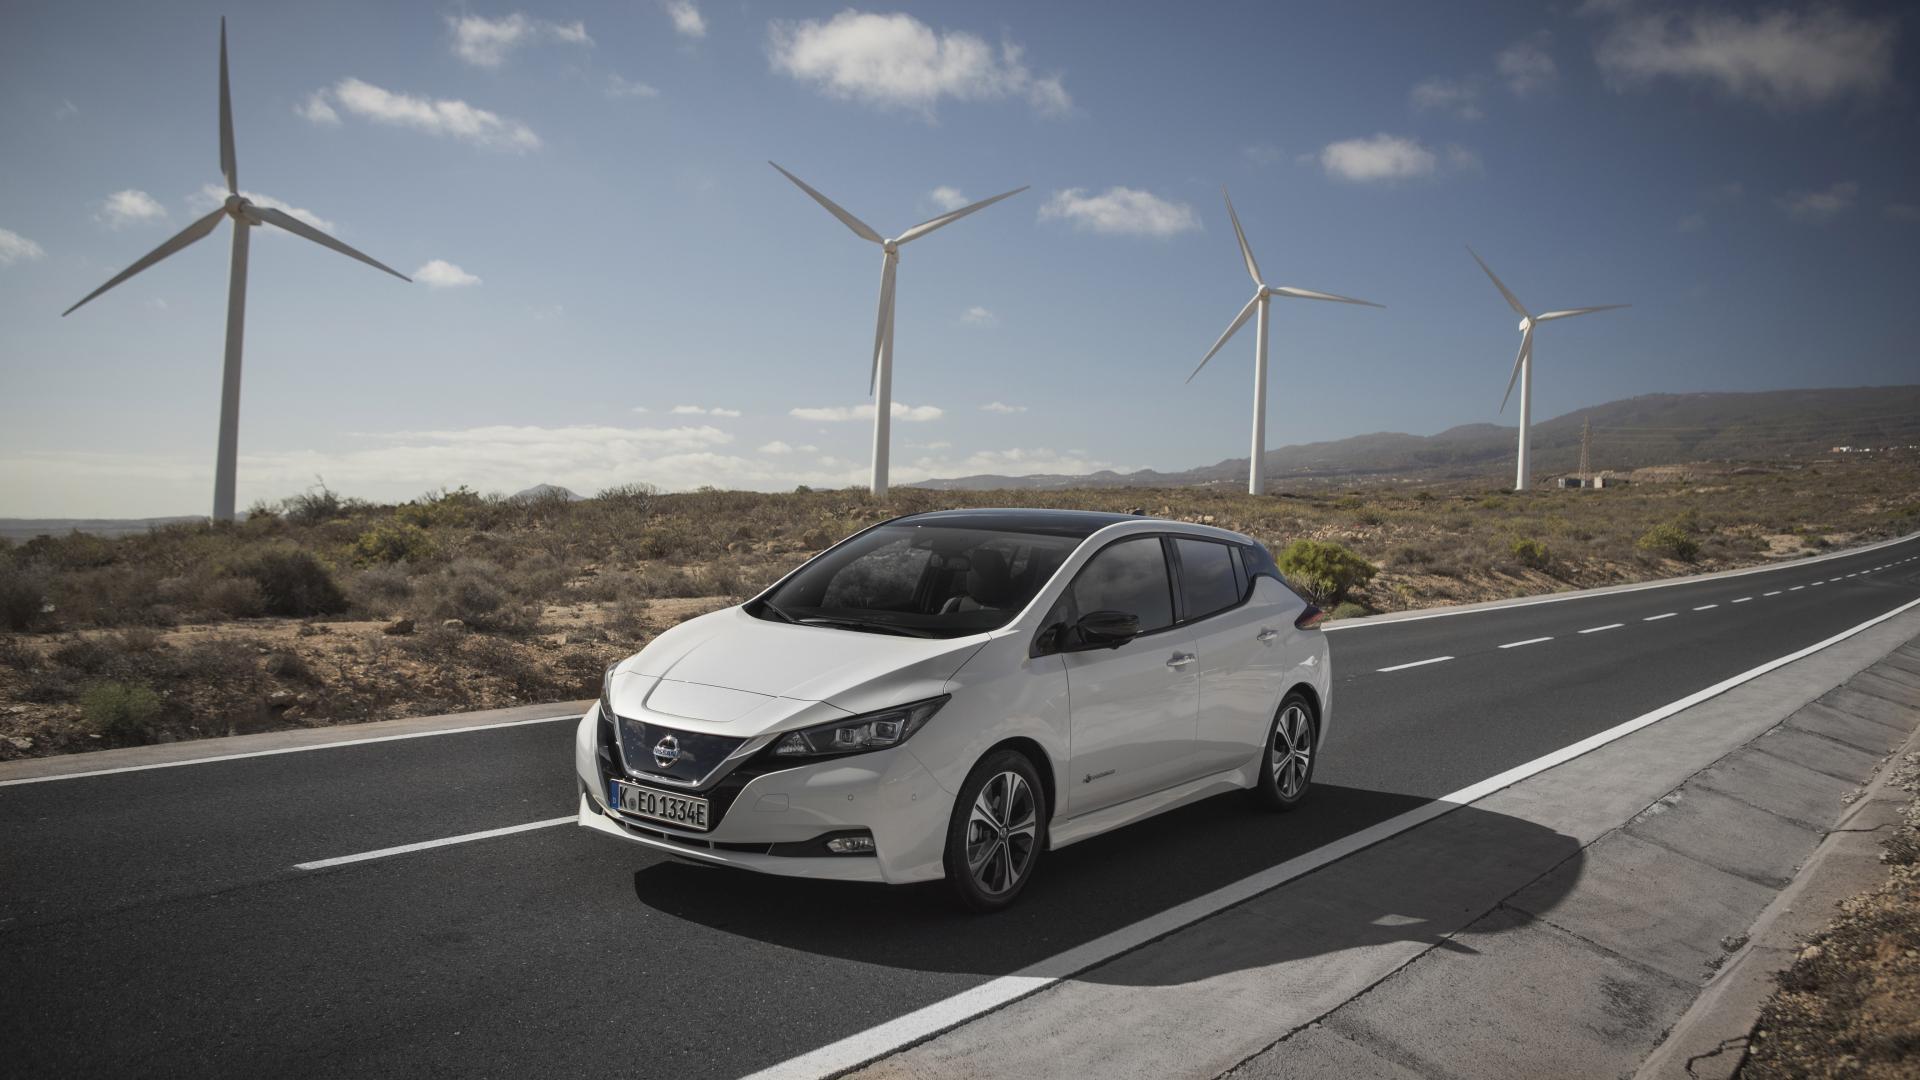 So električni avti tudi v Sloveniji razprodani? Analizirali smo trg